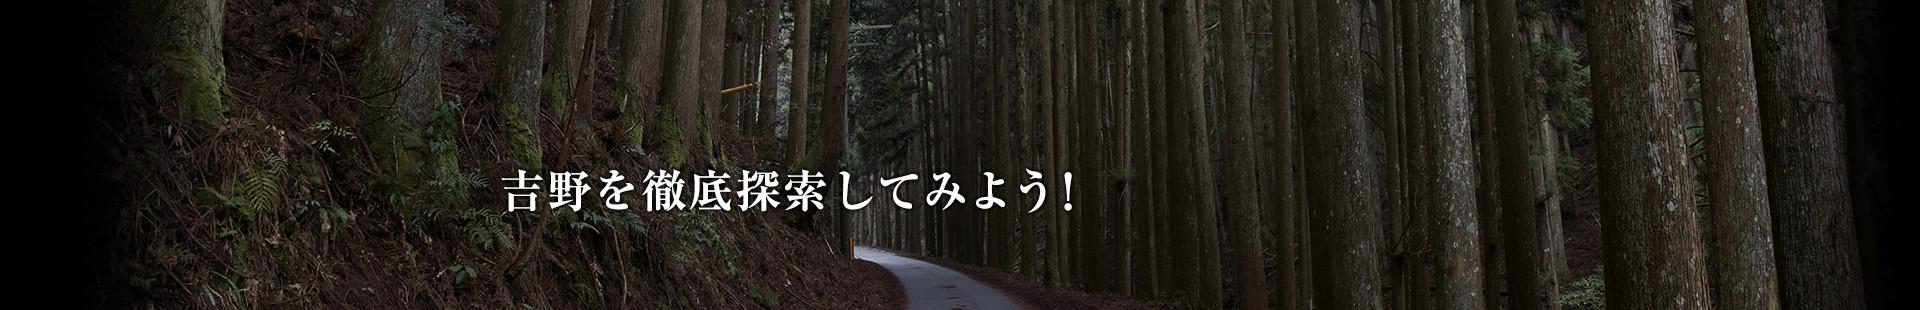 森のふところ深く入り冒険者になる